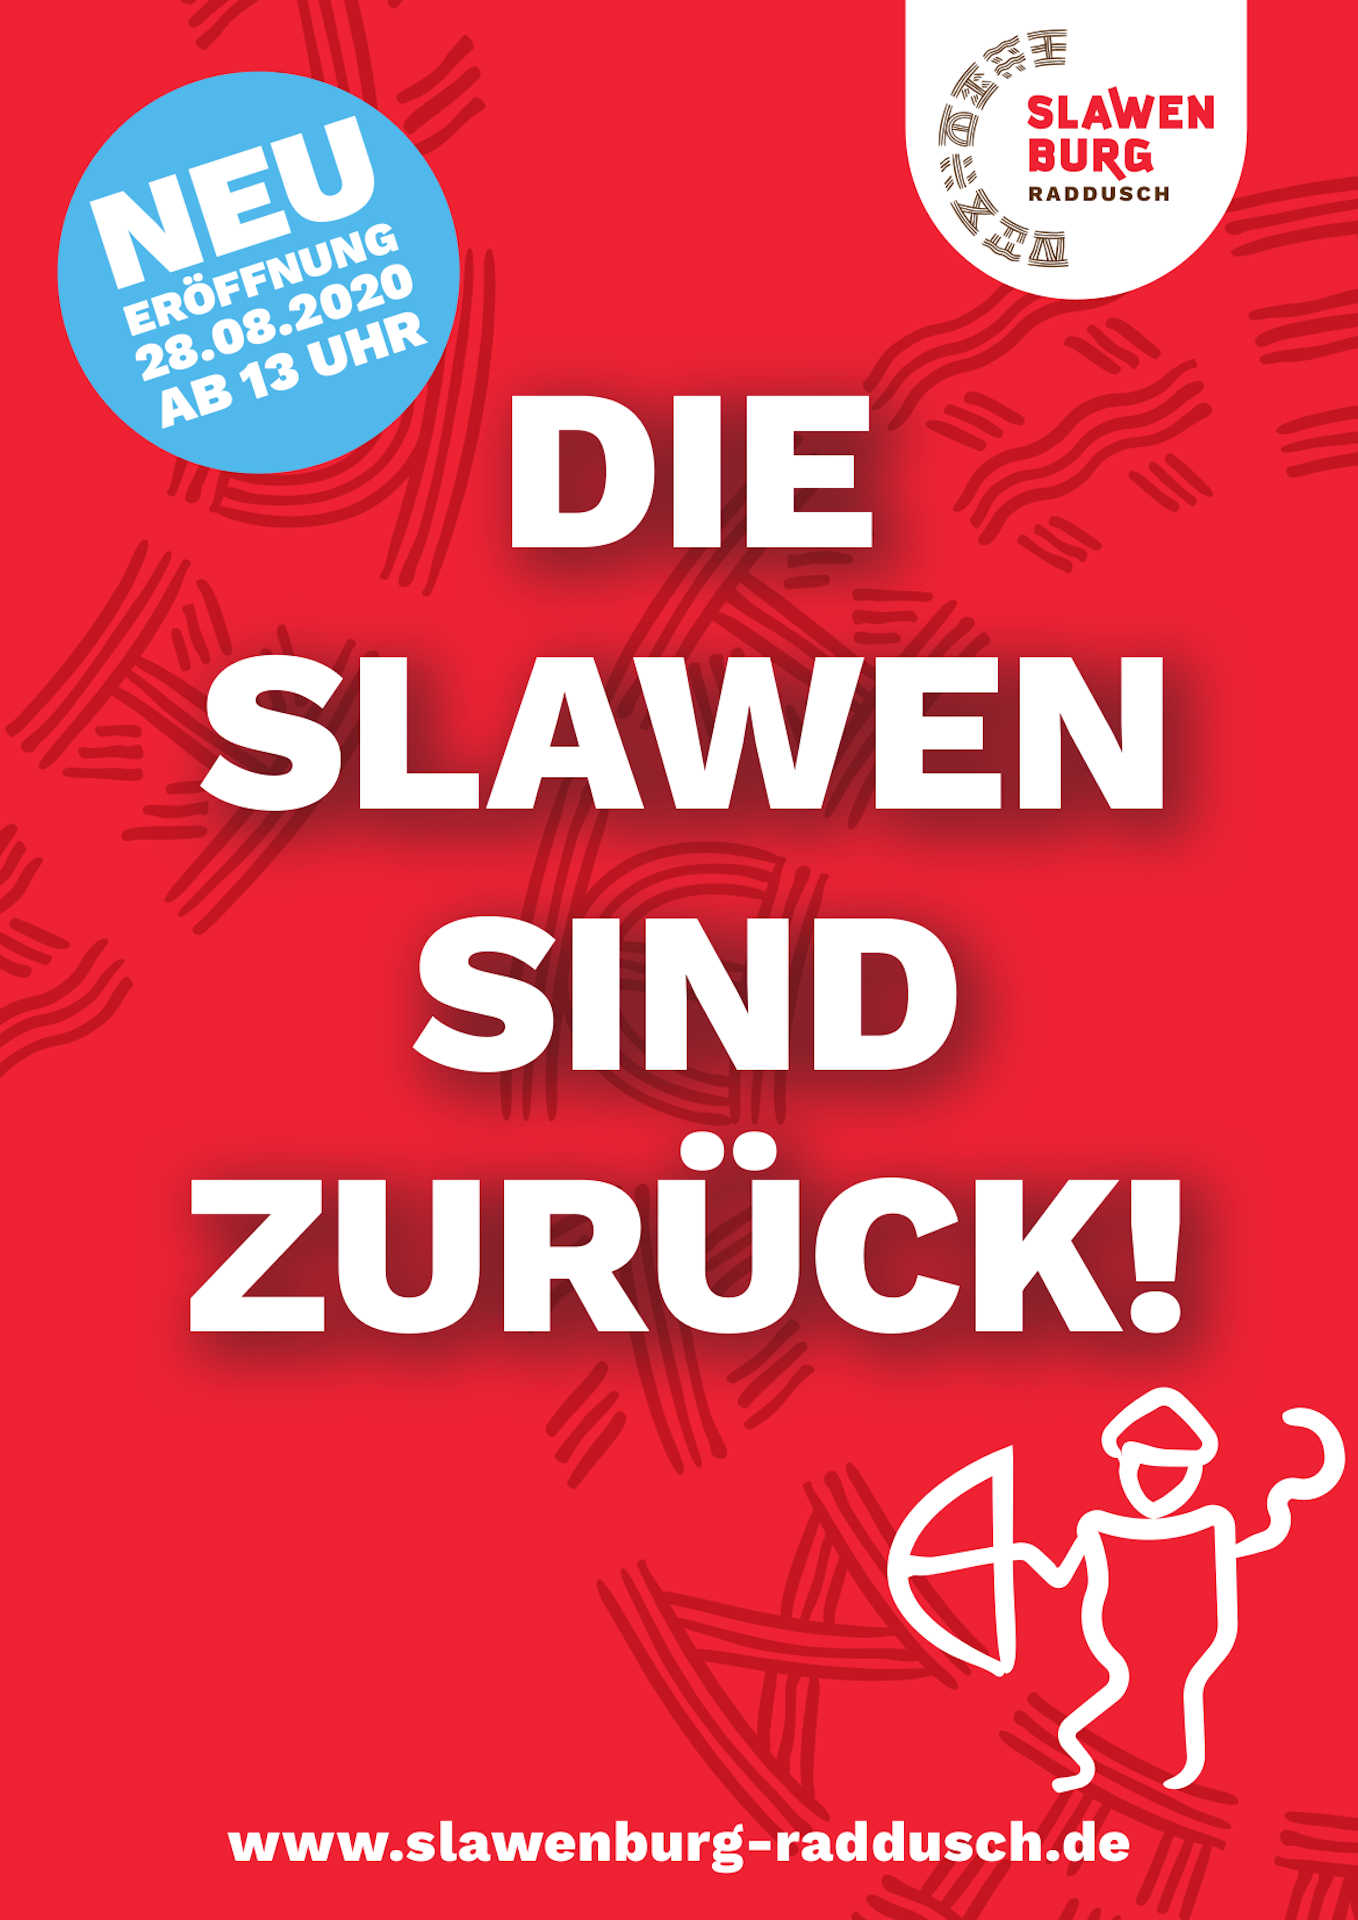 Die Slawen sind zurück - Neueröffnung der Slawenburg, Plakat Ö Grafik